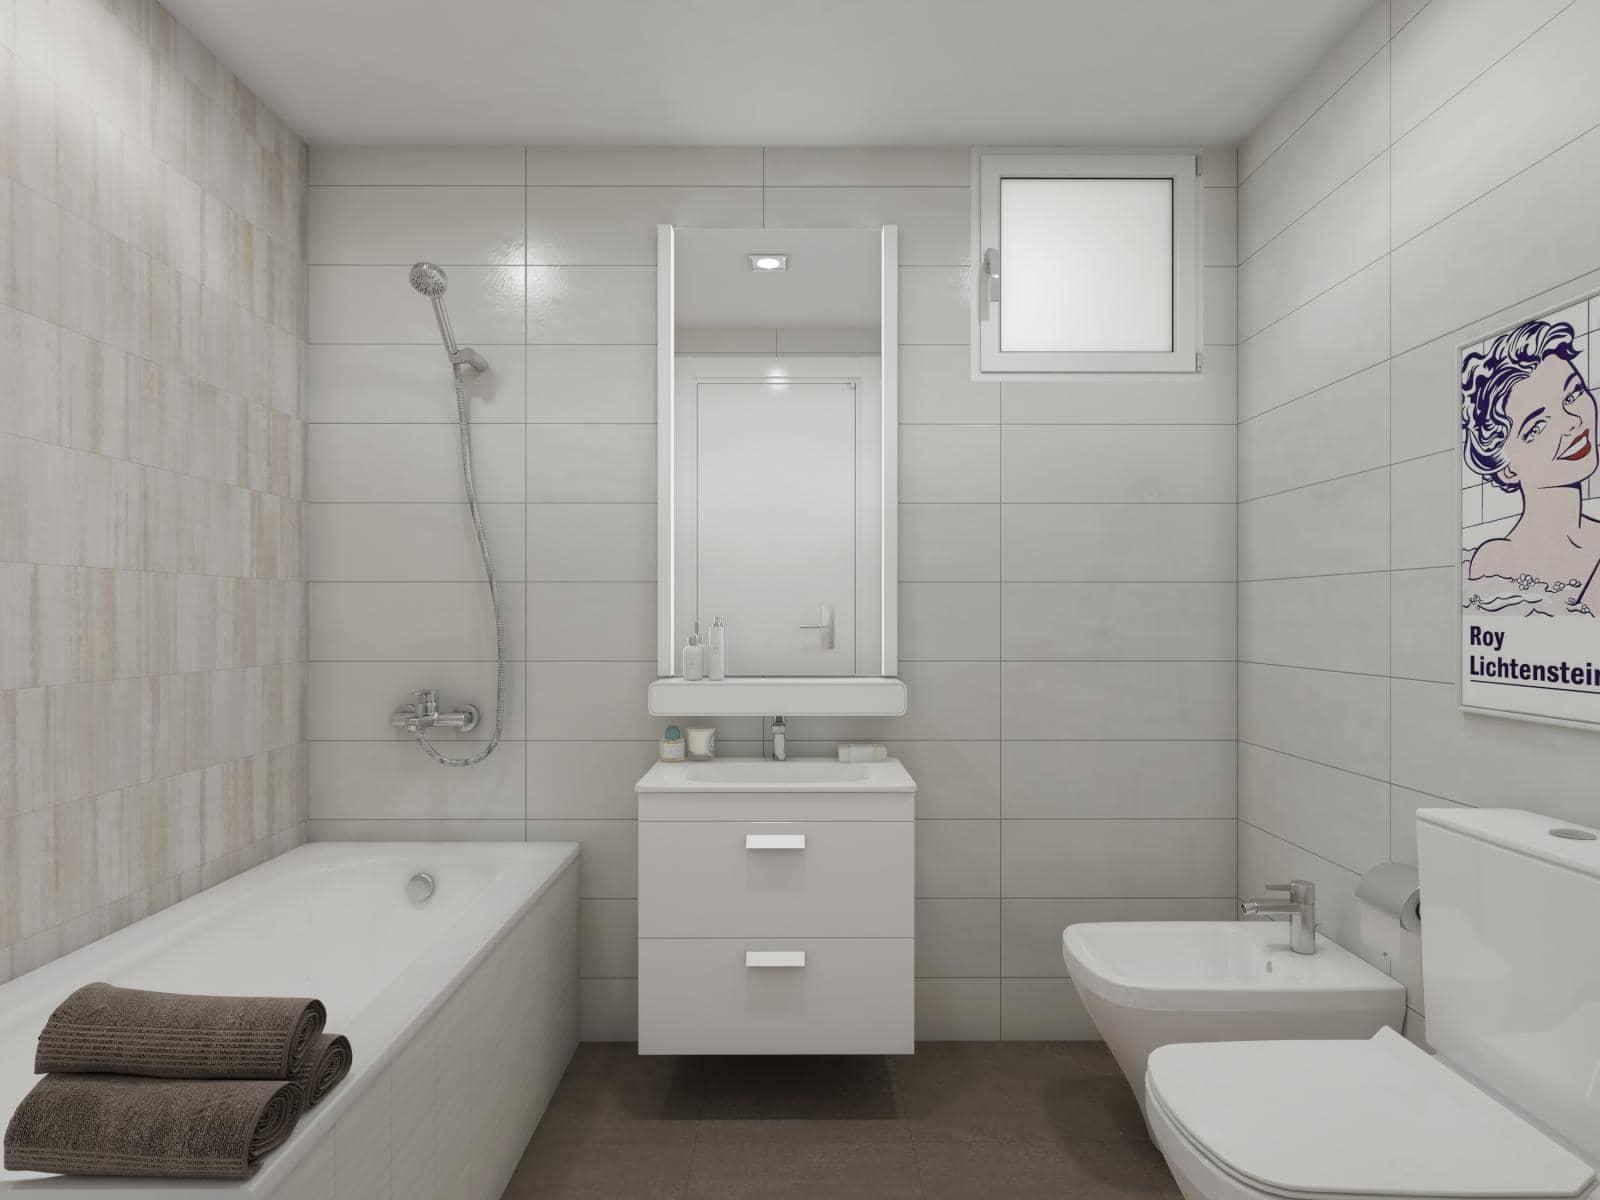 2 chambre Appartement à vendre à Valence ville avec garage - 197 000 € (Ref: 4619147)